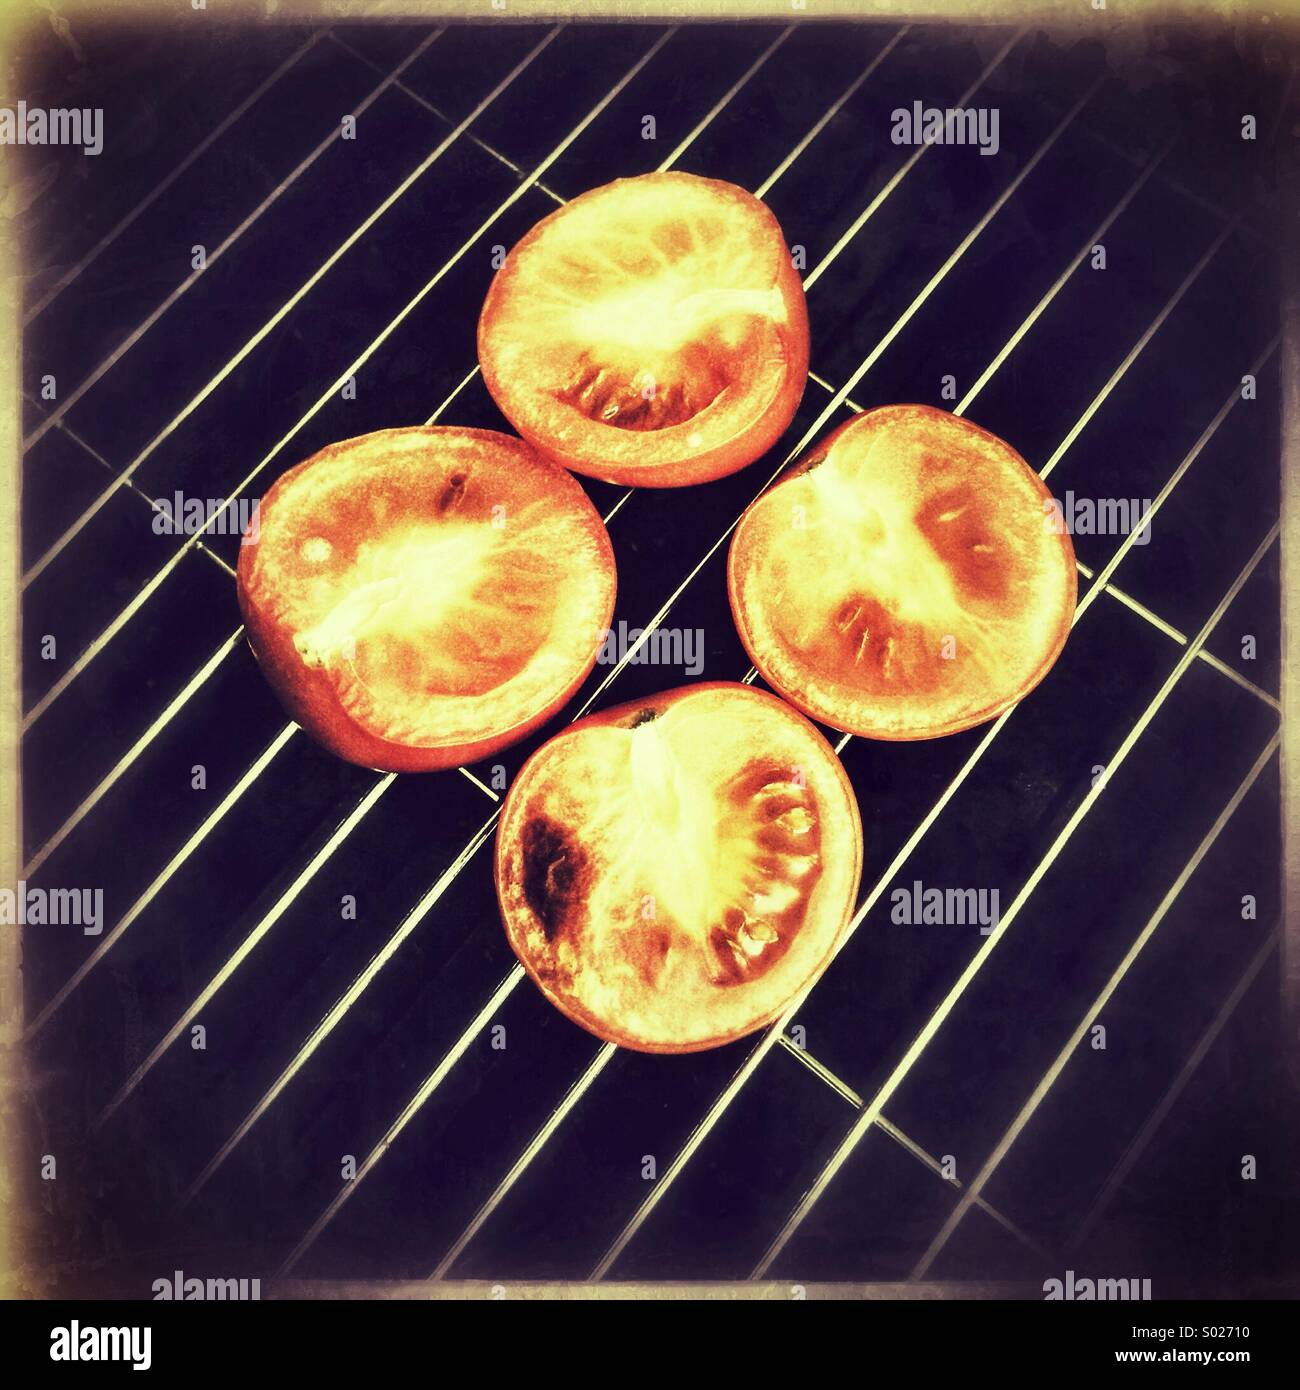 Tomates em frigideira para grelhar Imagens de Stock